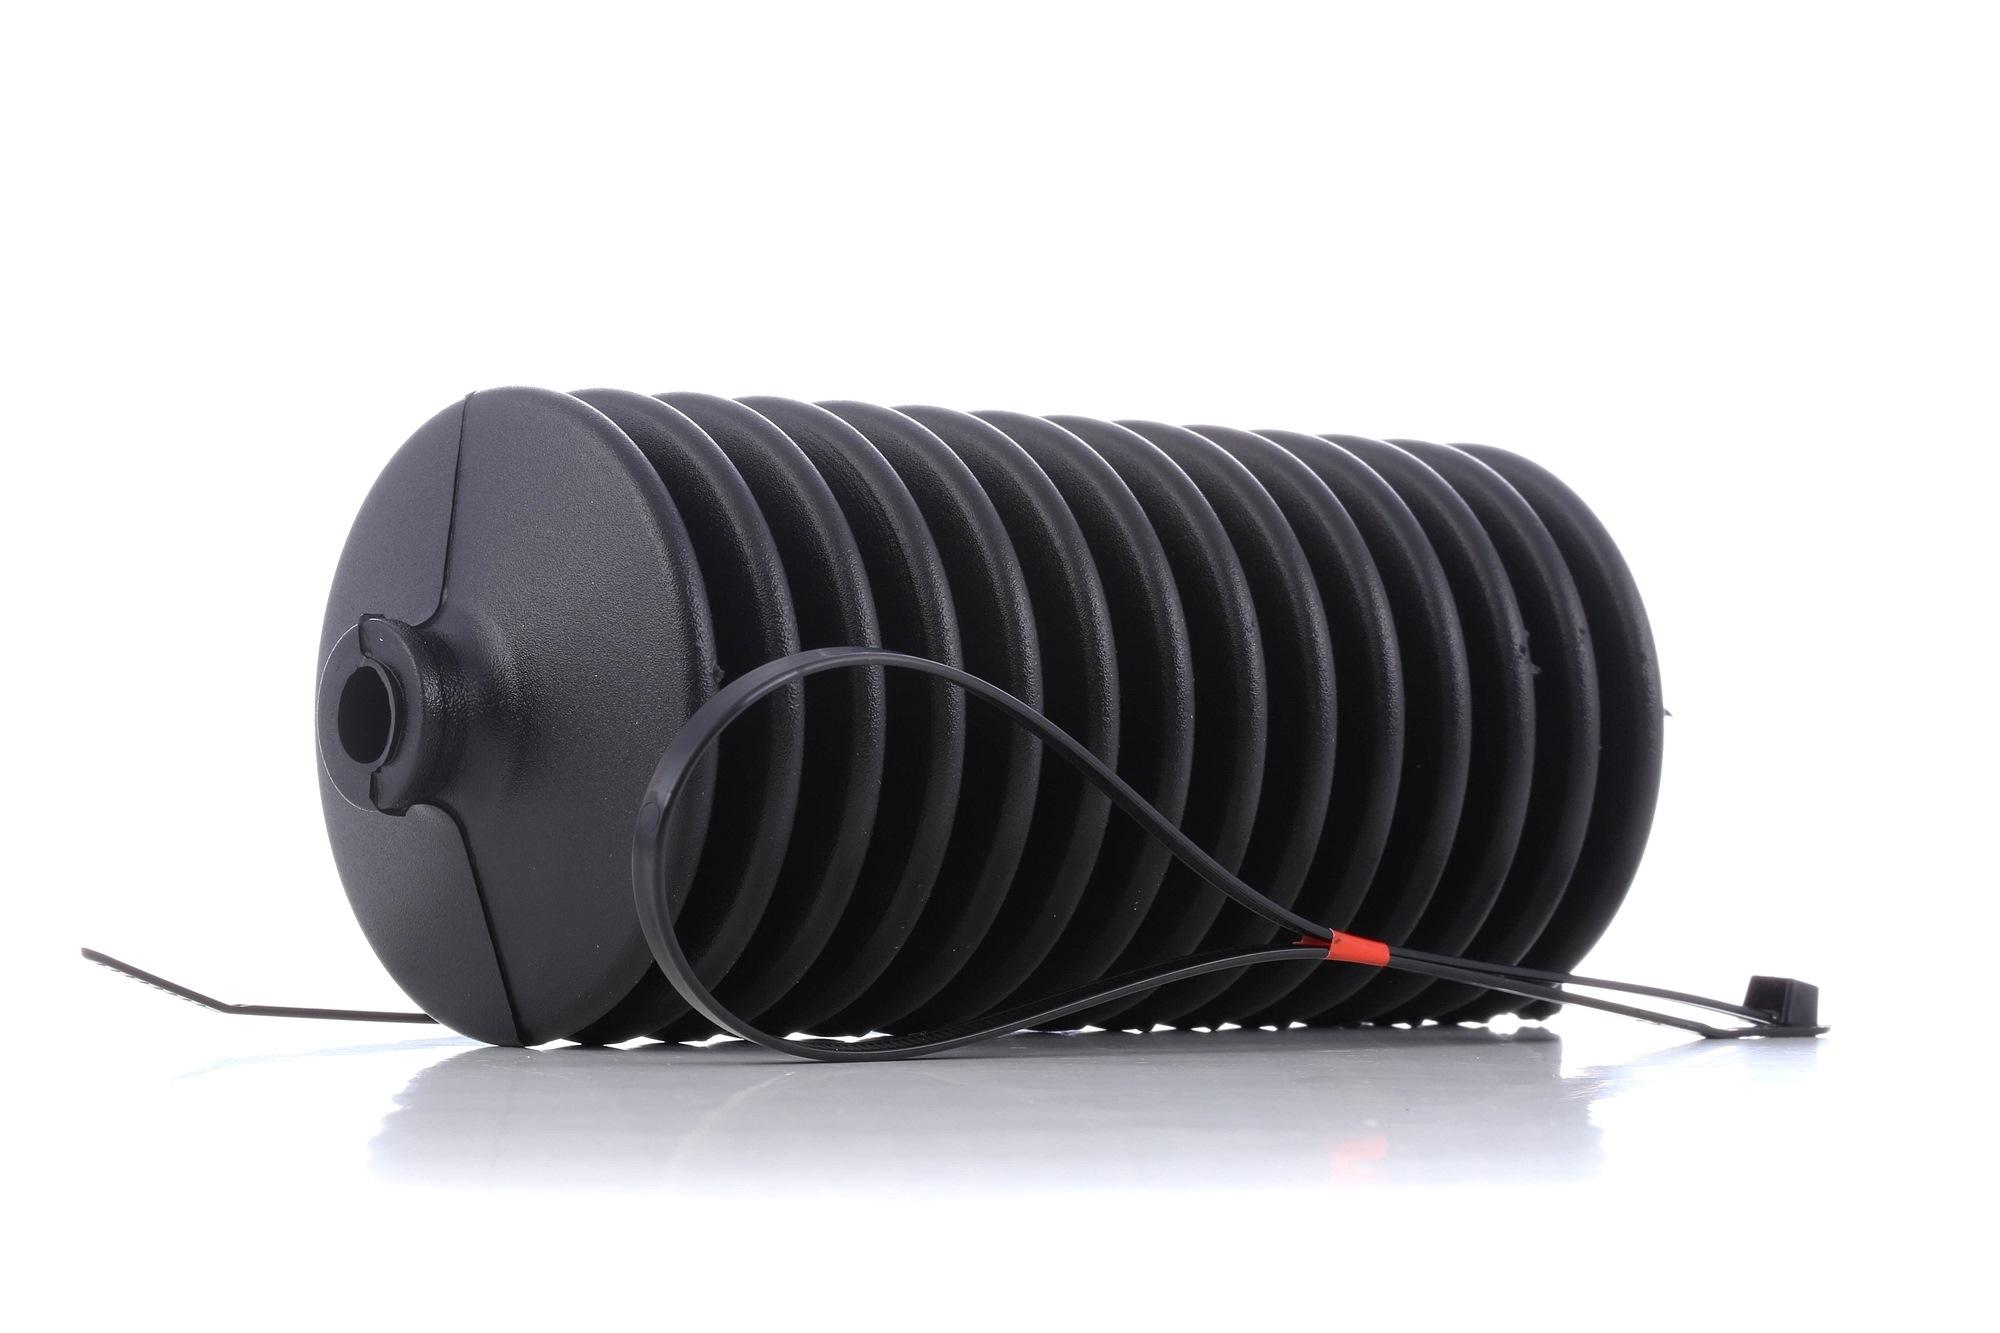 Achetez Kit de soufflet de direction SKF VKJP 2045 (Hauteur: 175mm) à un rapport qualité-prix exceptionnel